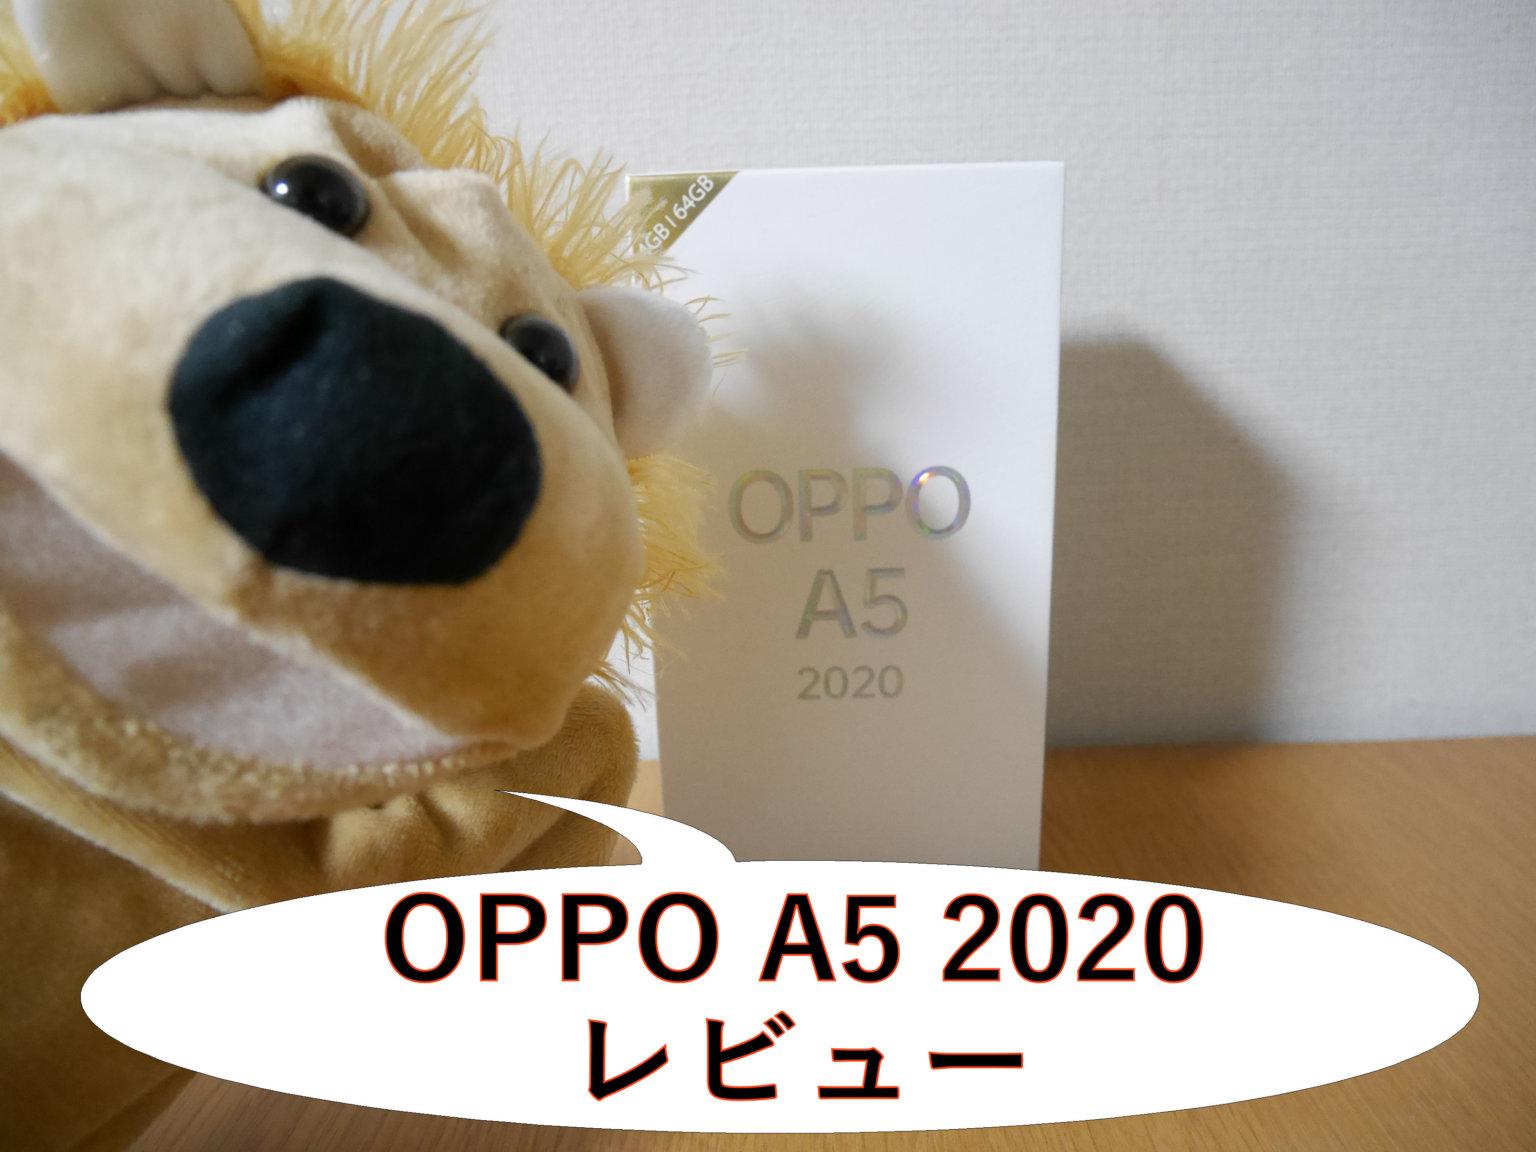 【オッポ】楽天回線対応のスマホは「OPPO A5 2020」がオススメ【 実機のレビュー】